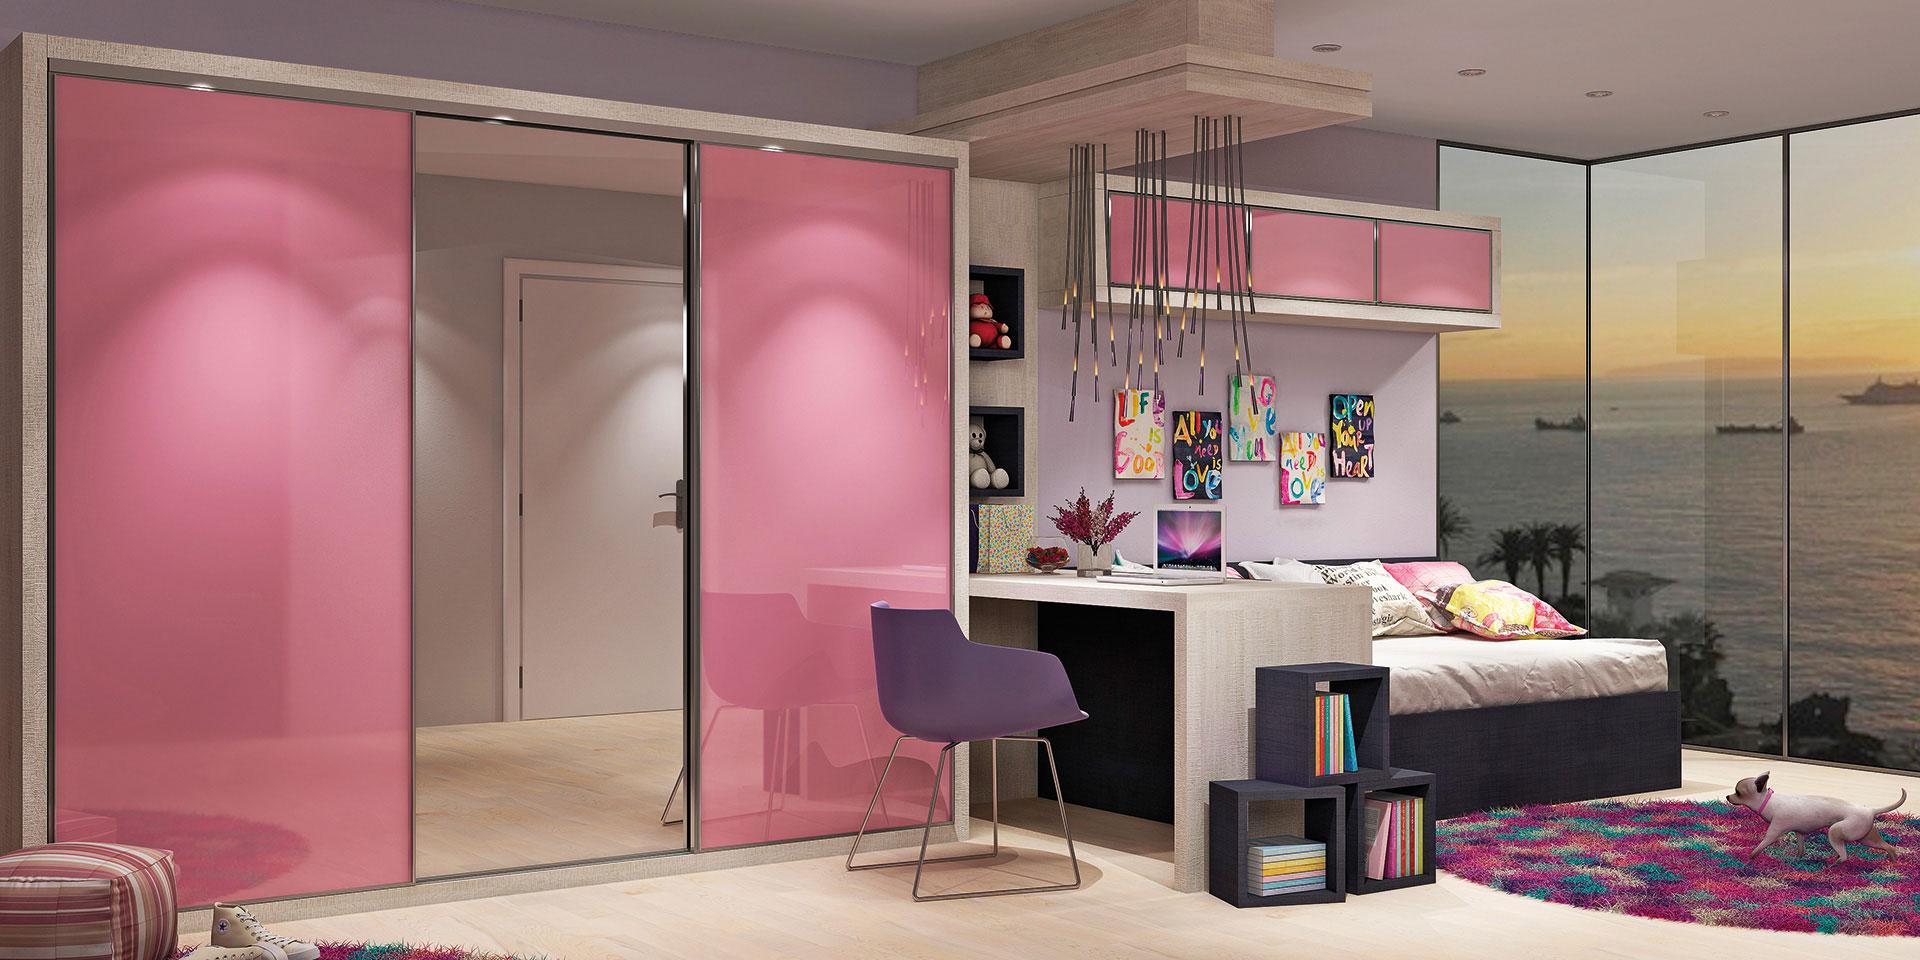 Tamponamento Montblanc, portas em vidro colorido Rosa e em Espelho, cama e nichos soltos no chão em Laca Berinjela